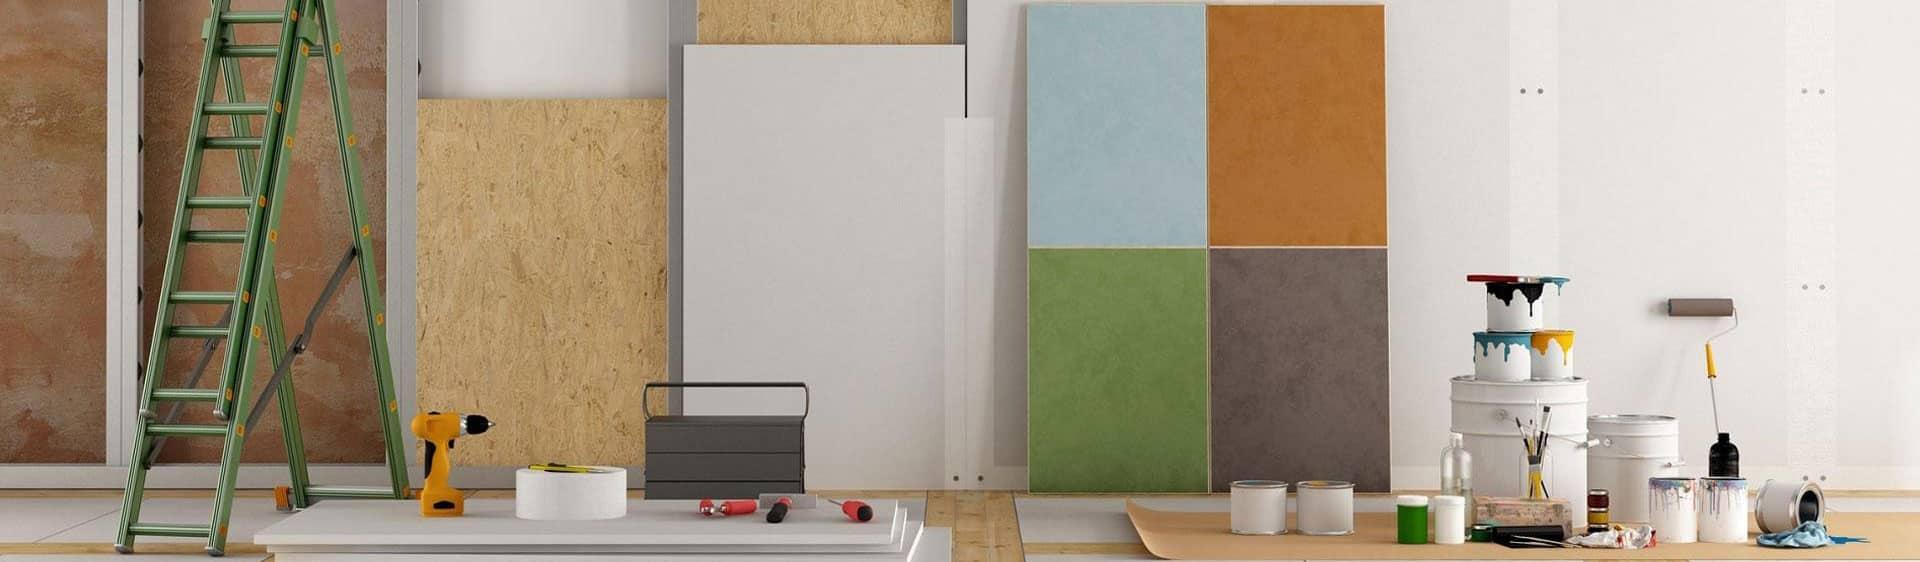 renovation-placo-peinture